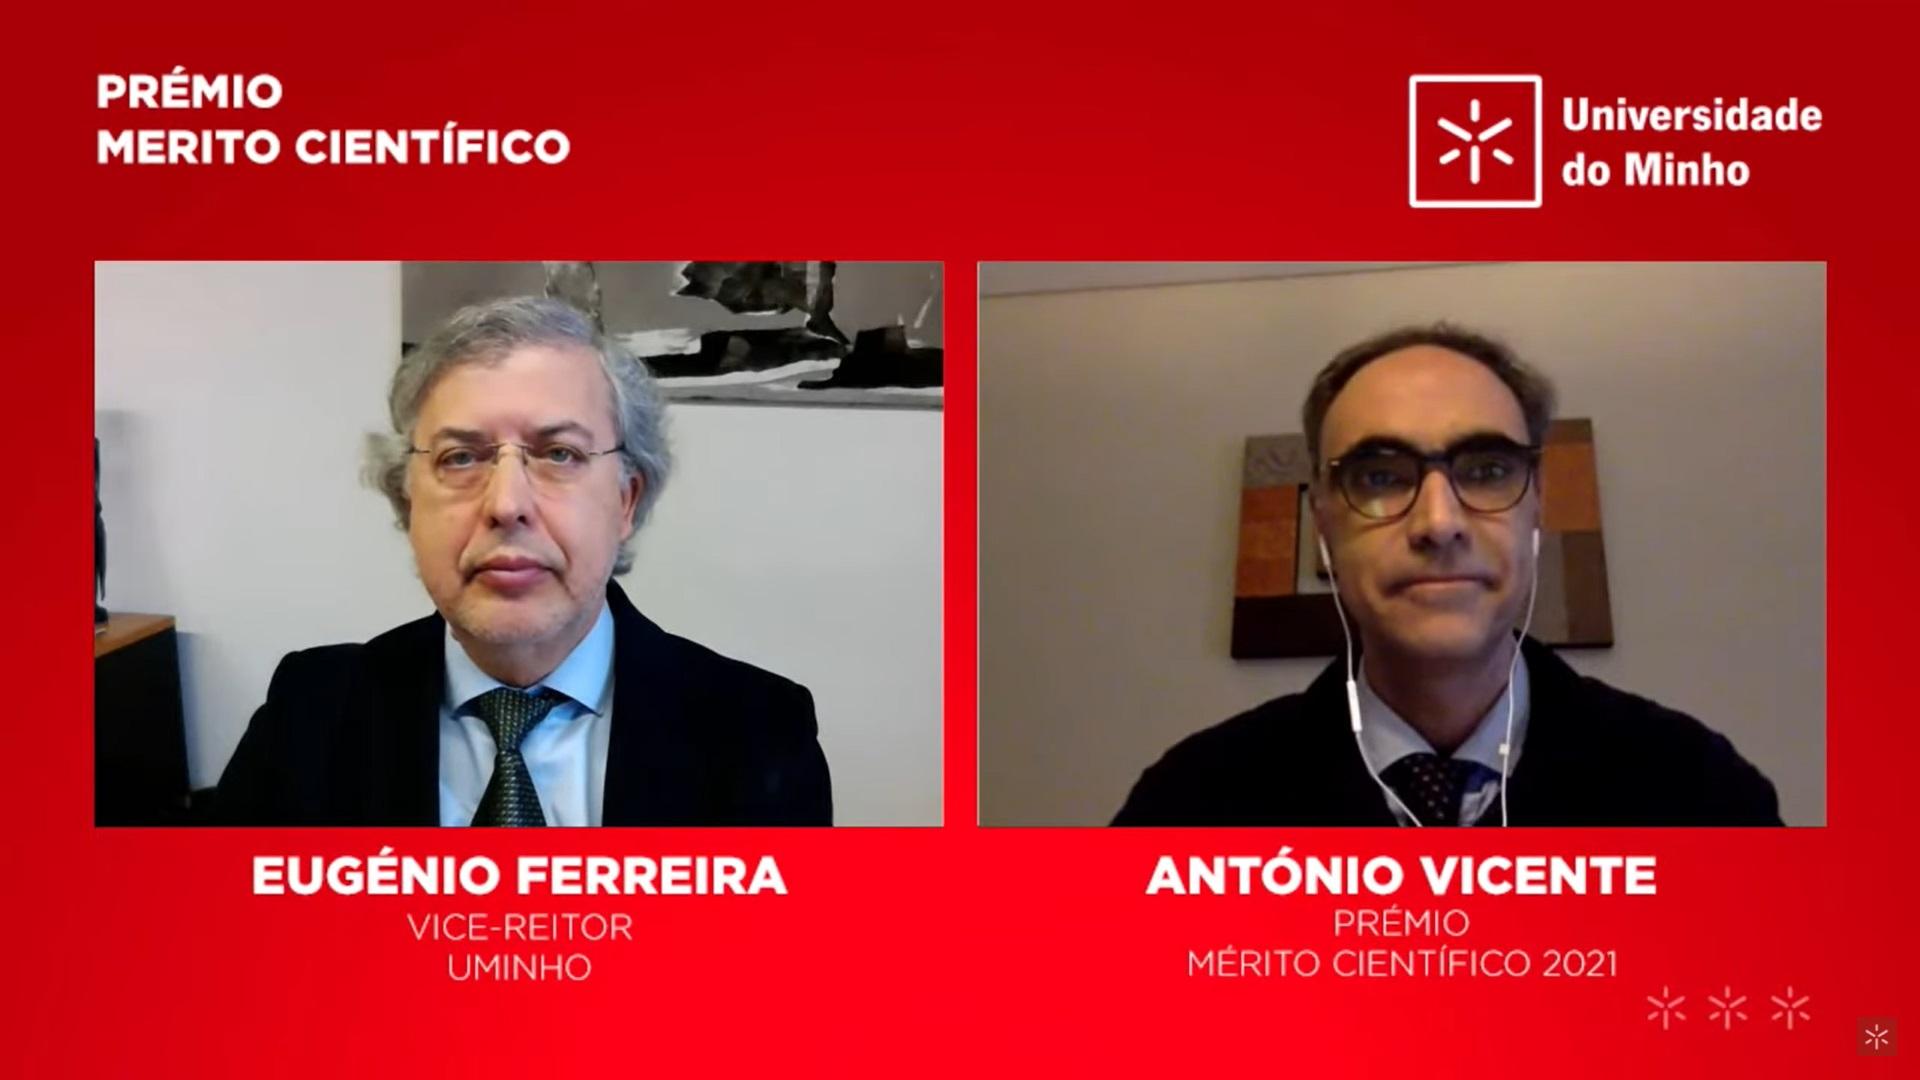 Prémio de Mérito Científico - António Vicente